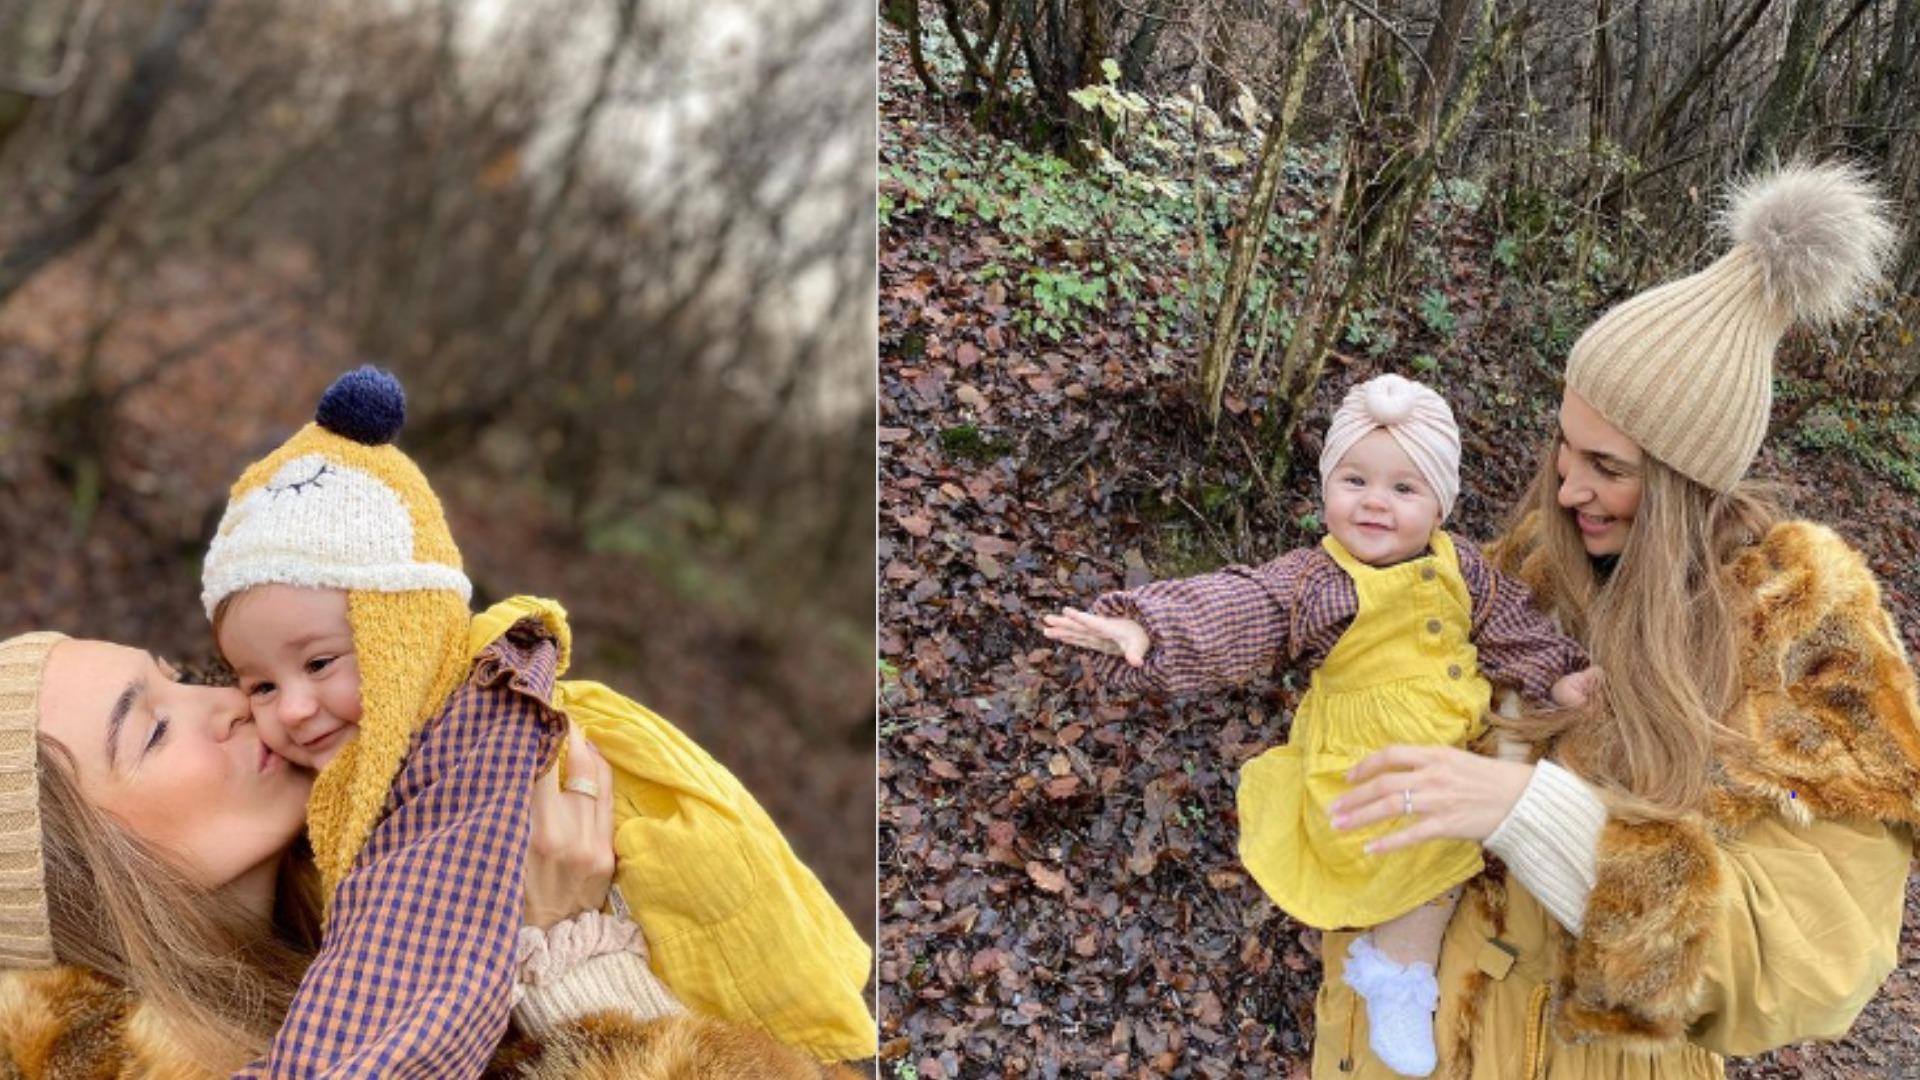 Në 10-mujorin e së bijës, këngëtarja e njohur shqiptare publikon fotot e ëmbla